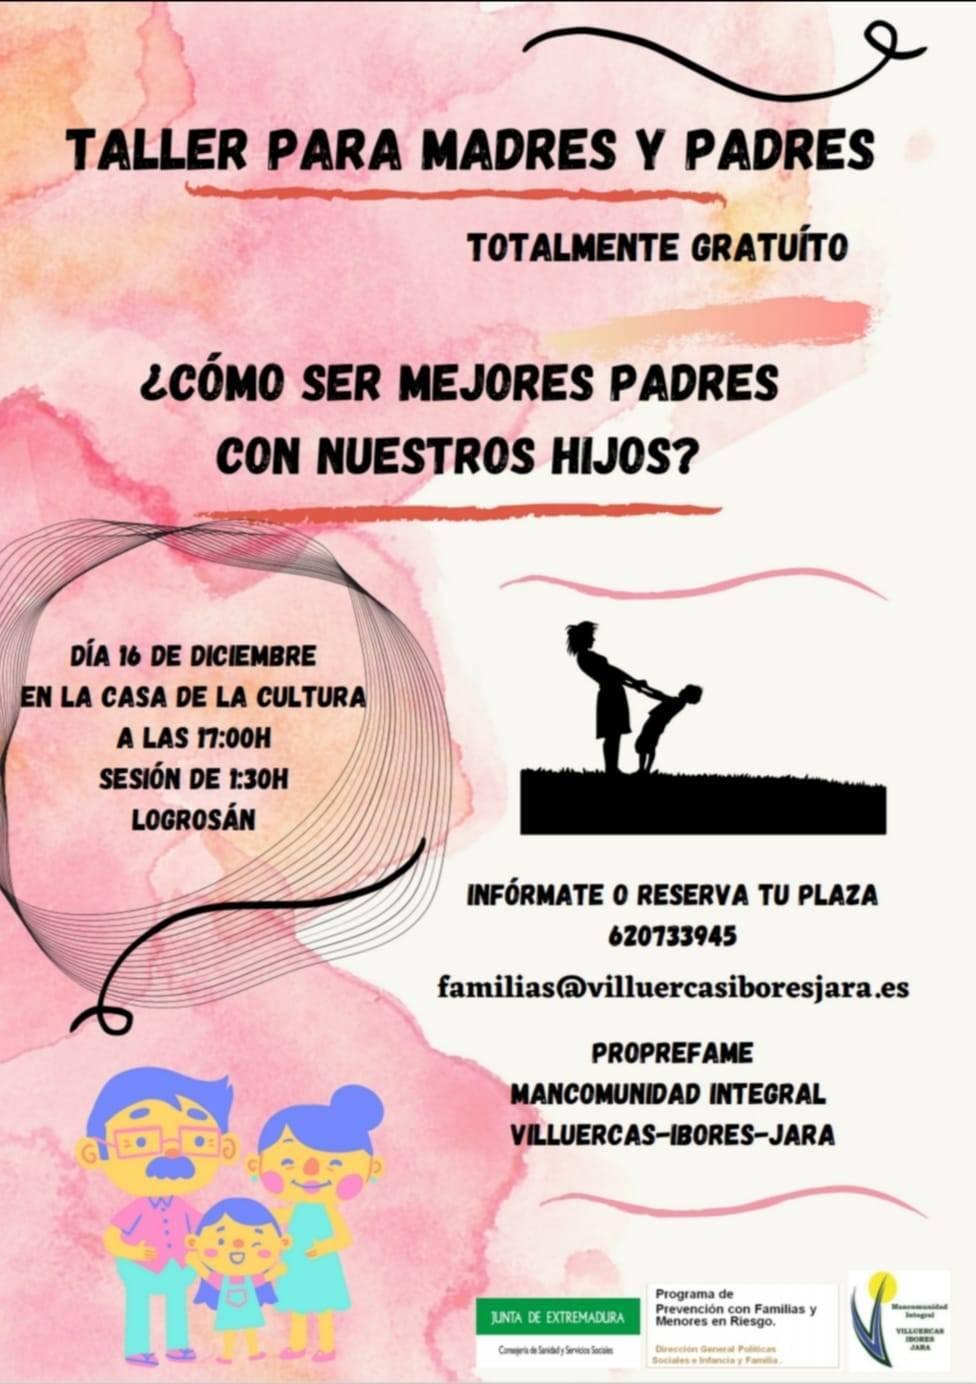 Taller para madres y padres (2020) - Logrosán (Cáceres)